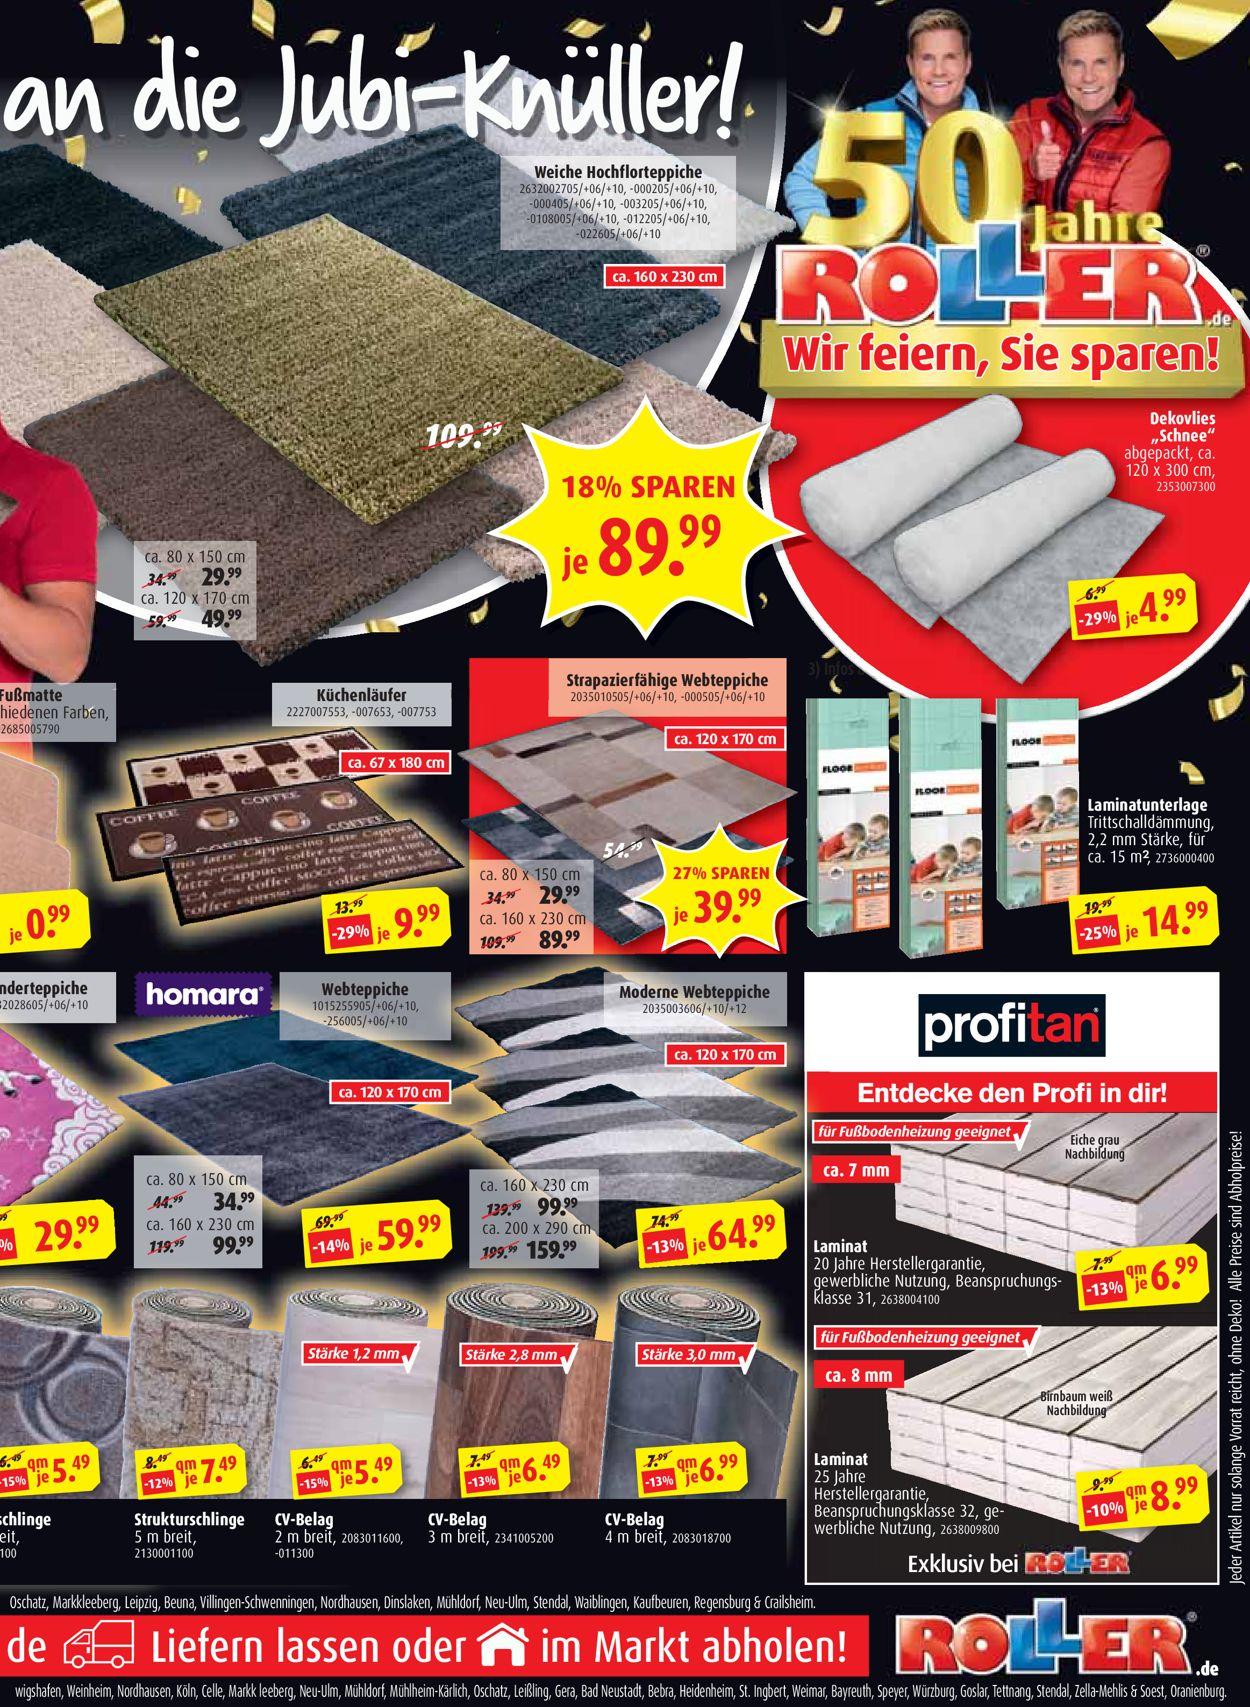 Full Size of Küchenläufer Aldi Roller Black Rabatt W2019 Aktueller Prospekt 2511 3011 Relaxsessel Garten Wohnzimmer Küchenläufer Aldi